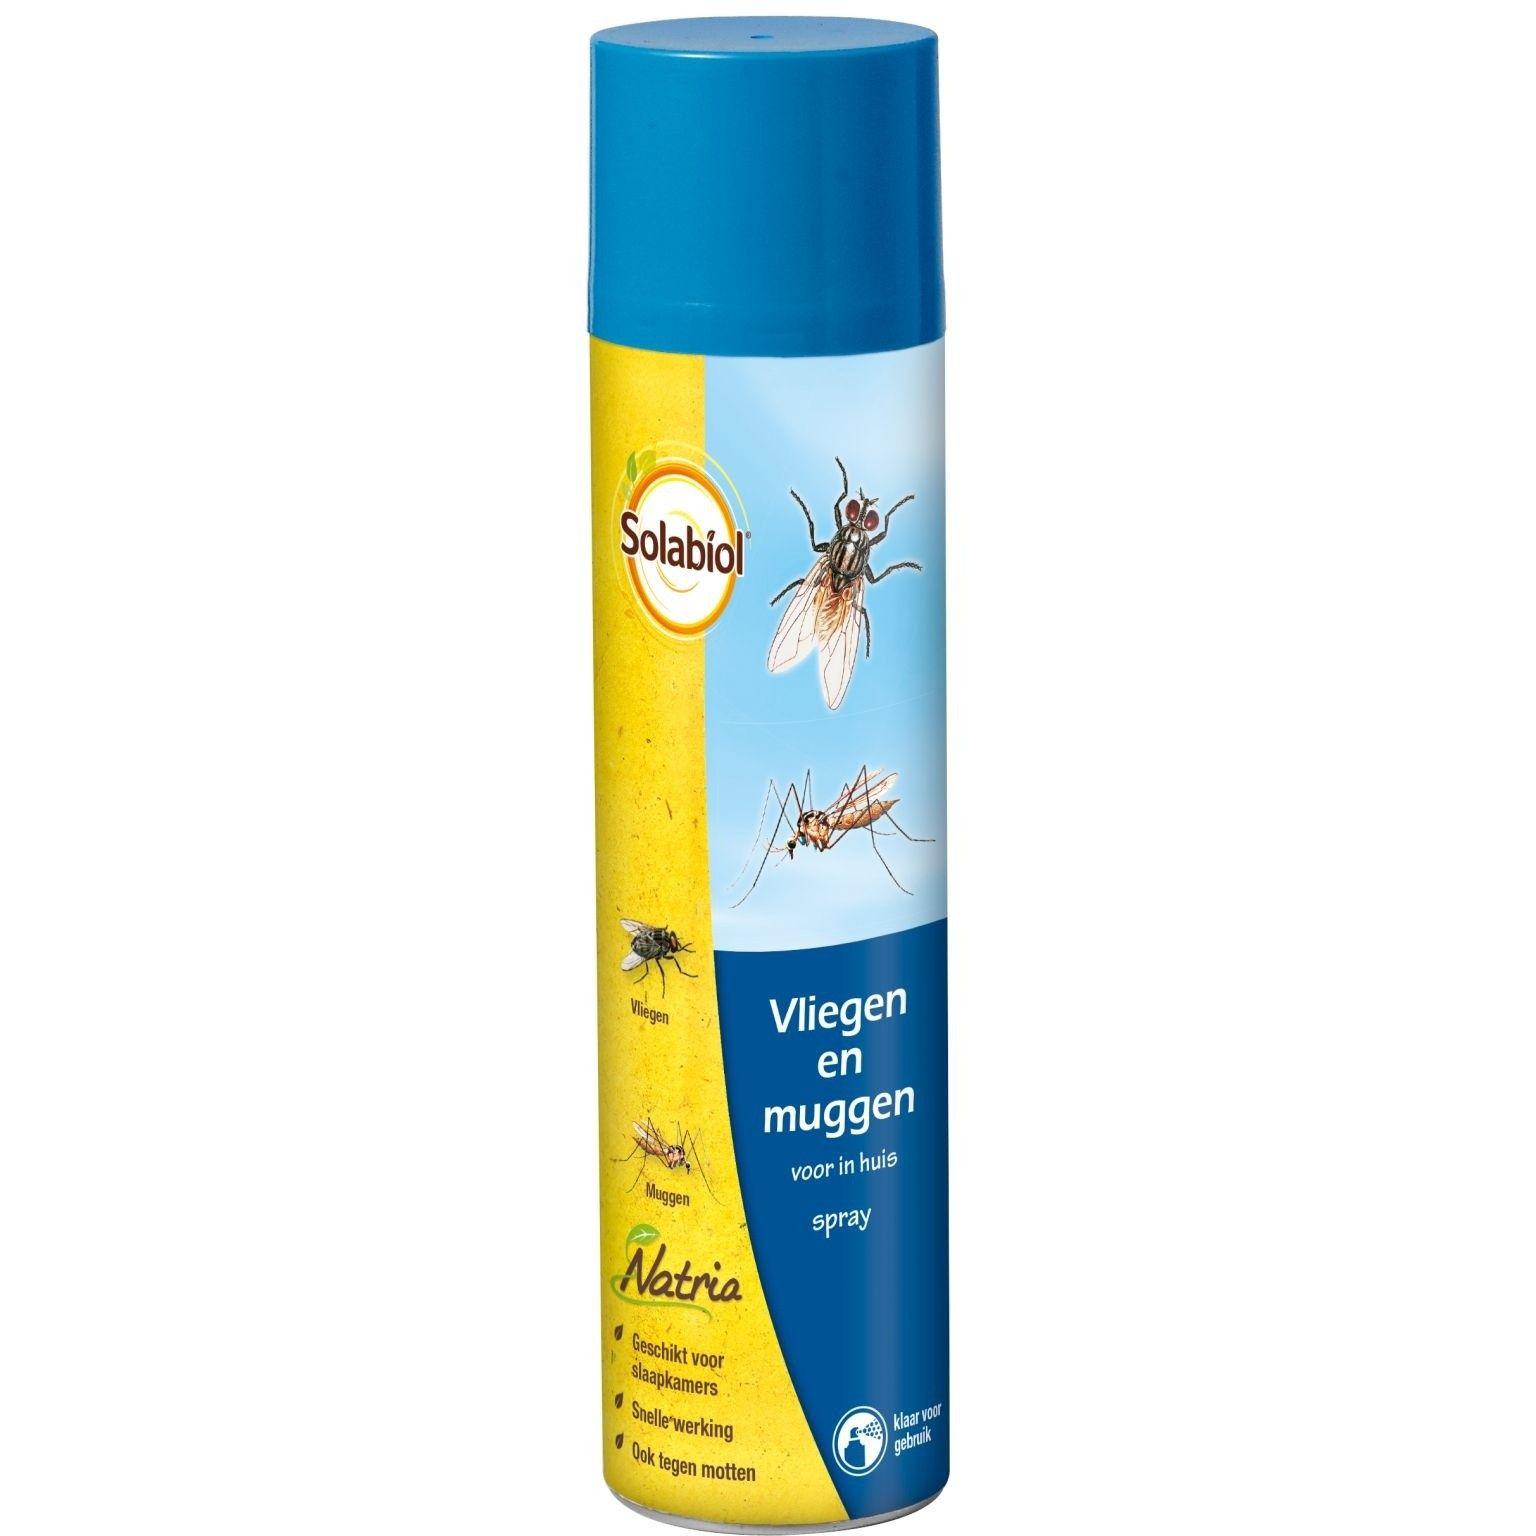 Natria Vliegen & muggenspray 400ml